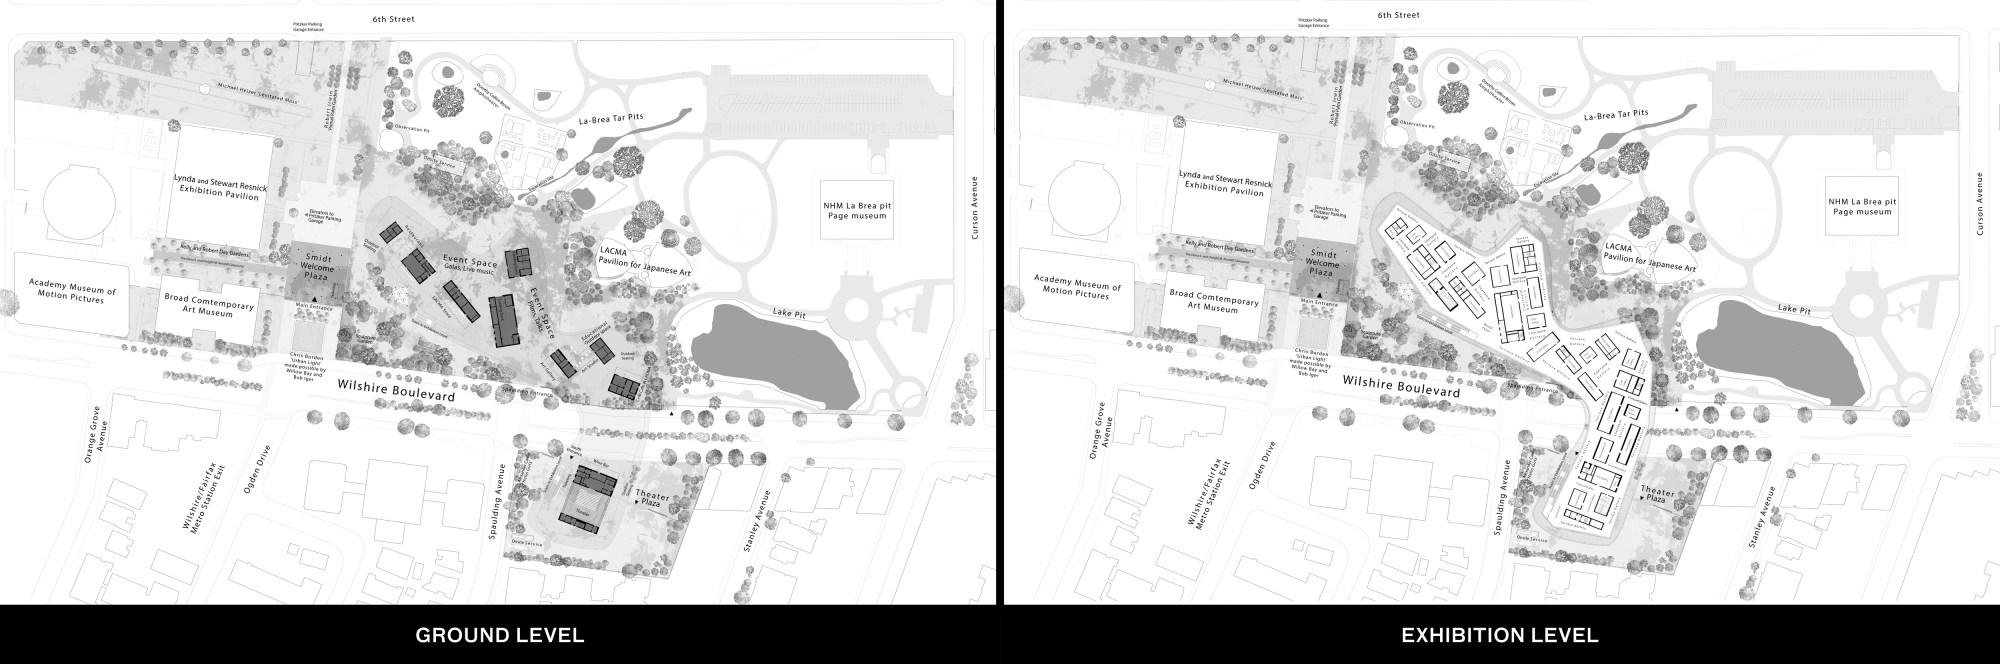 Exhibition and Ground level floorplan of David Geffen Galleries at LACMA